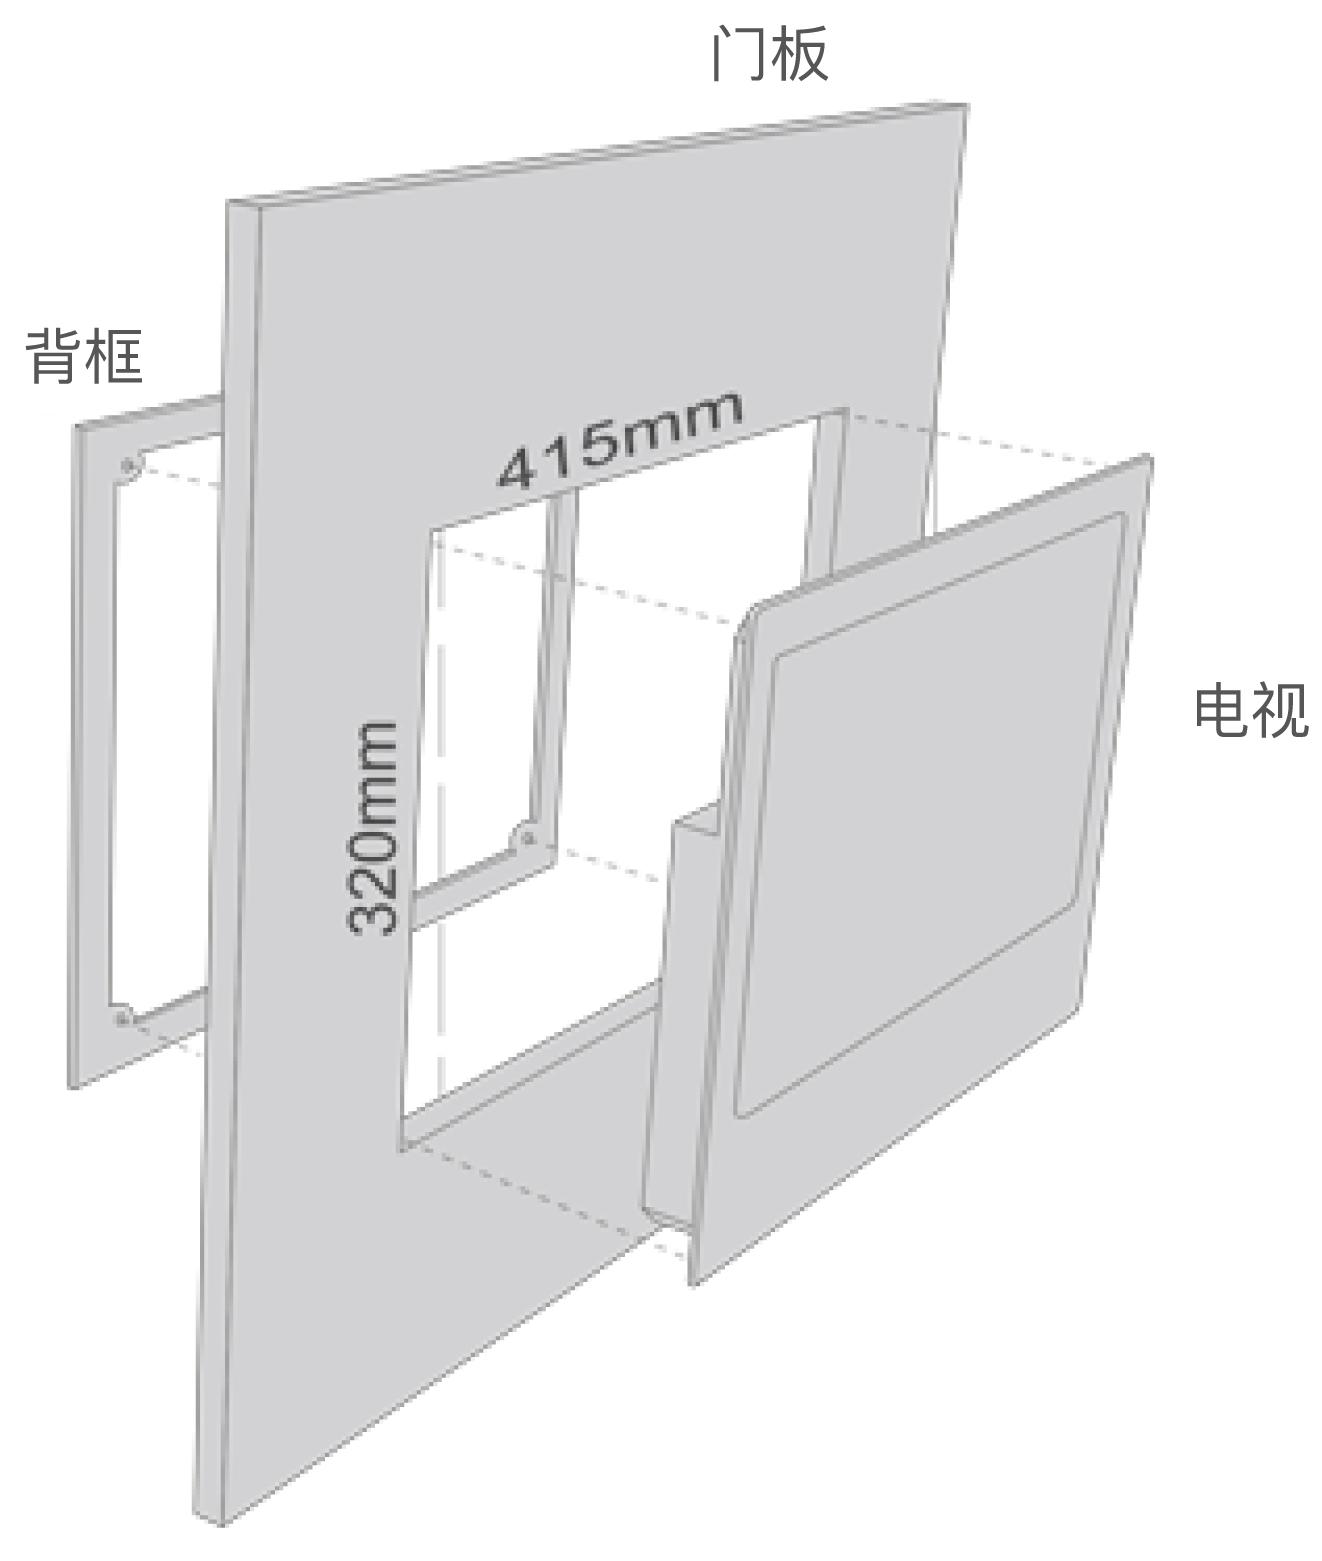 built_in_install-01-01